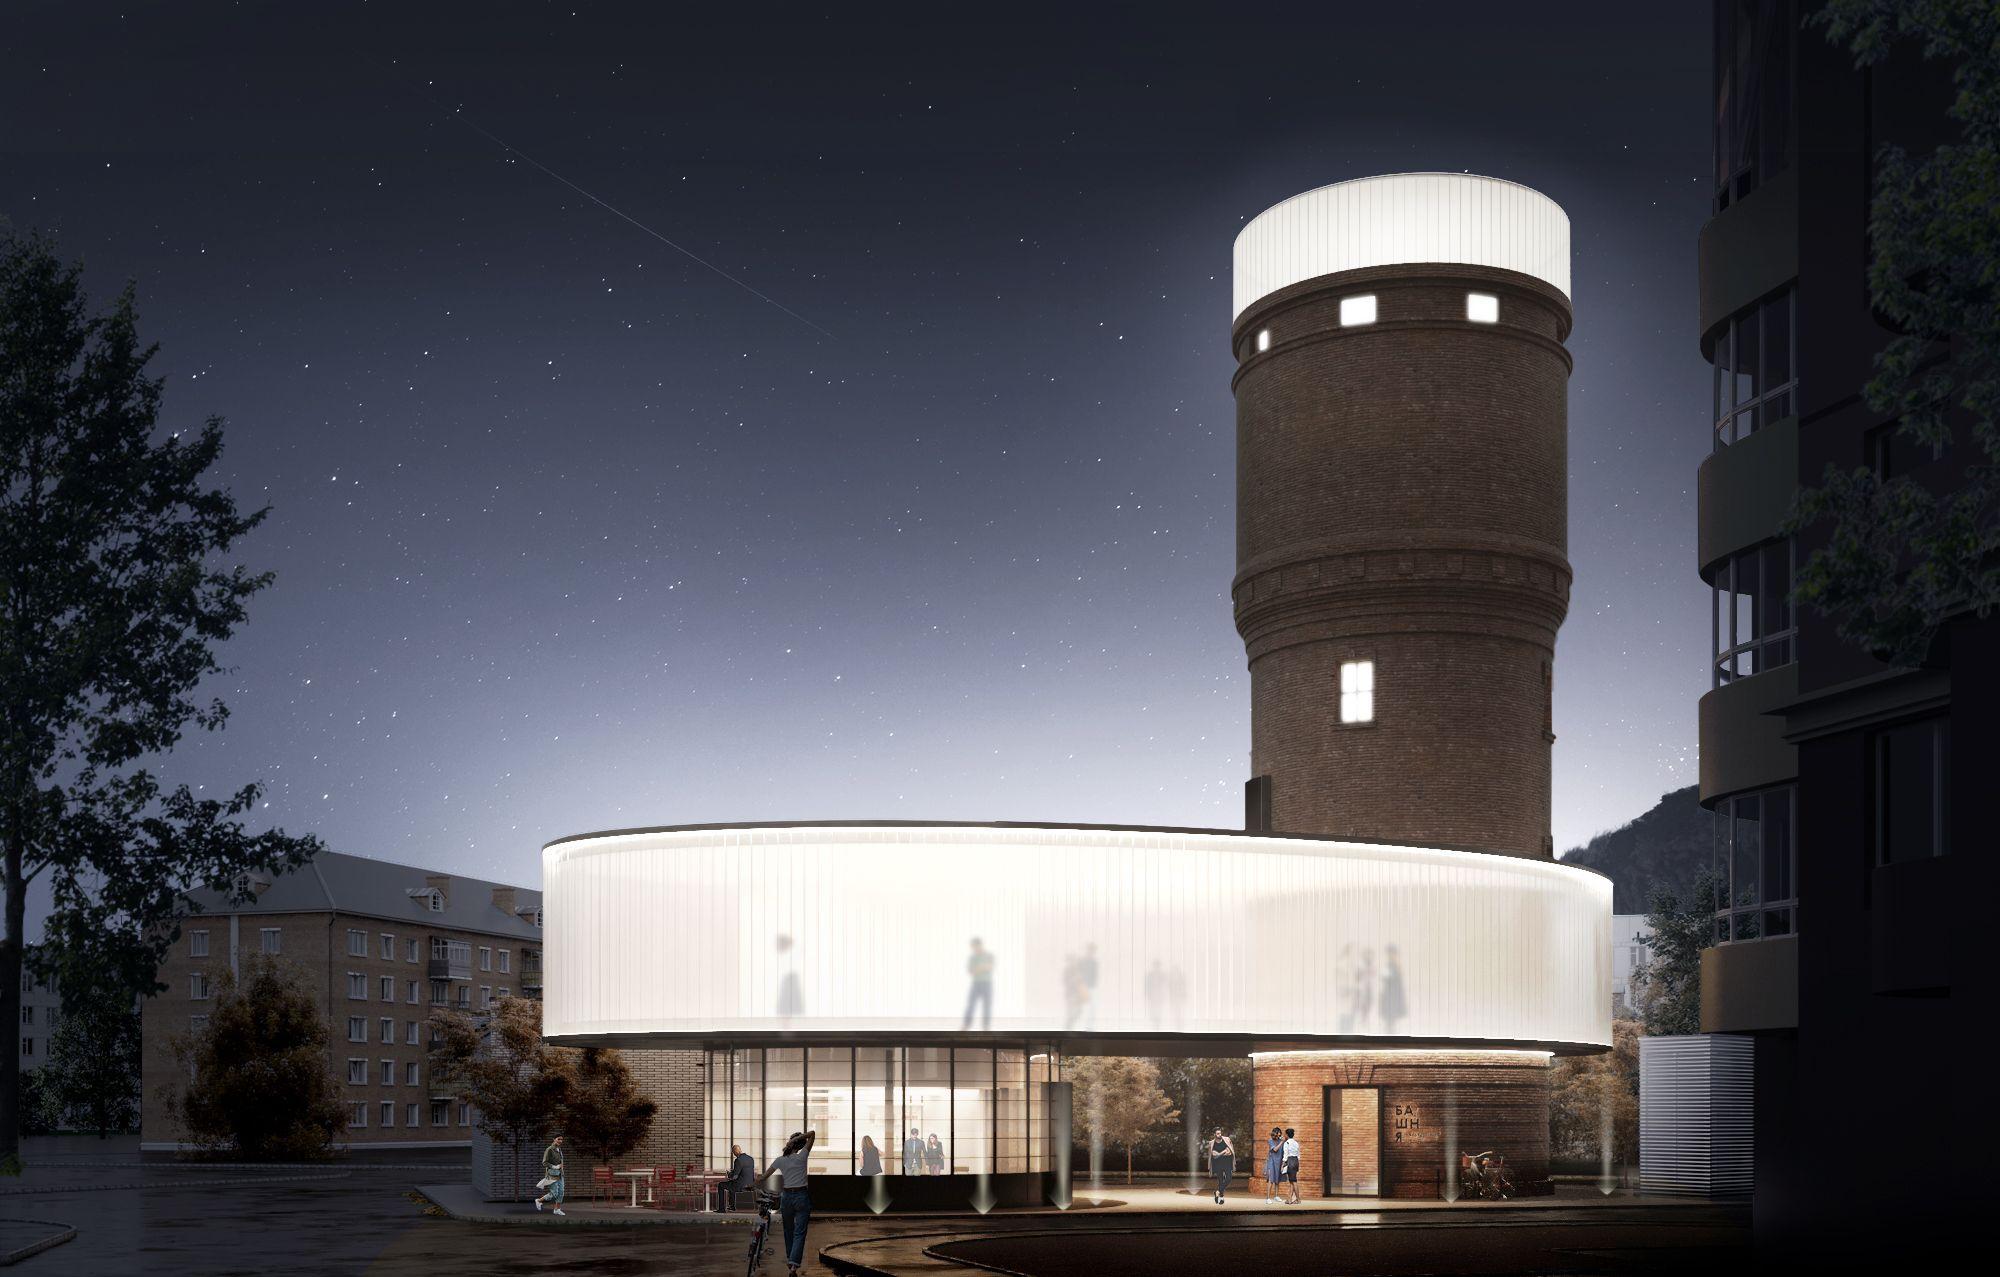 Концепция водонапорной башни в Щербинке вошла в шорт-лист престижного архитектурного фестиваля